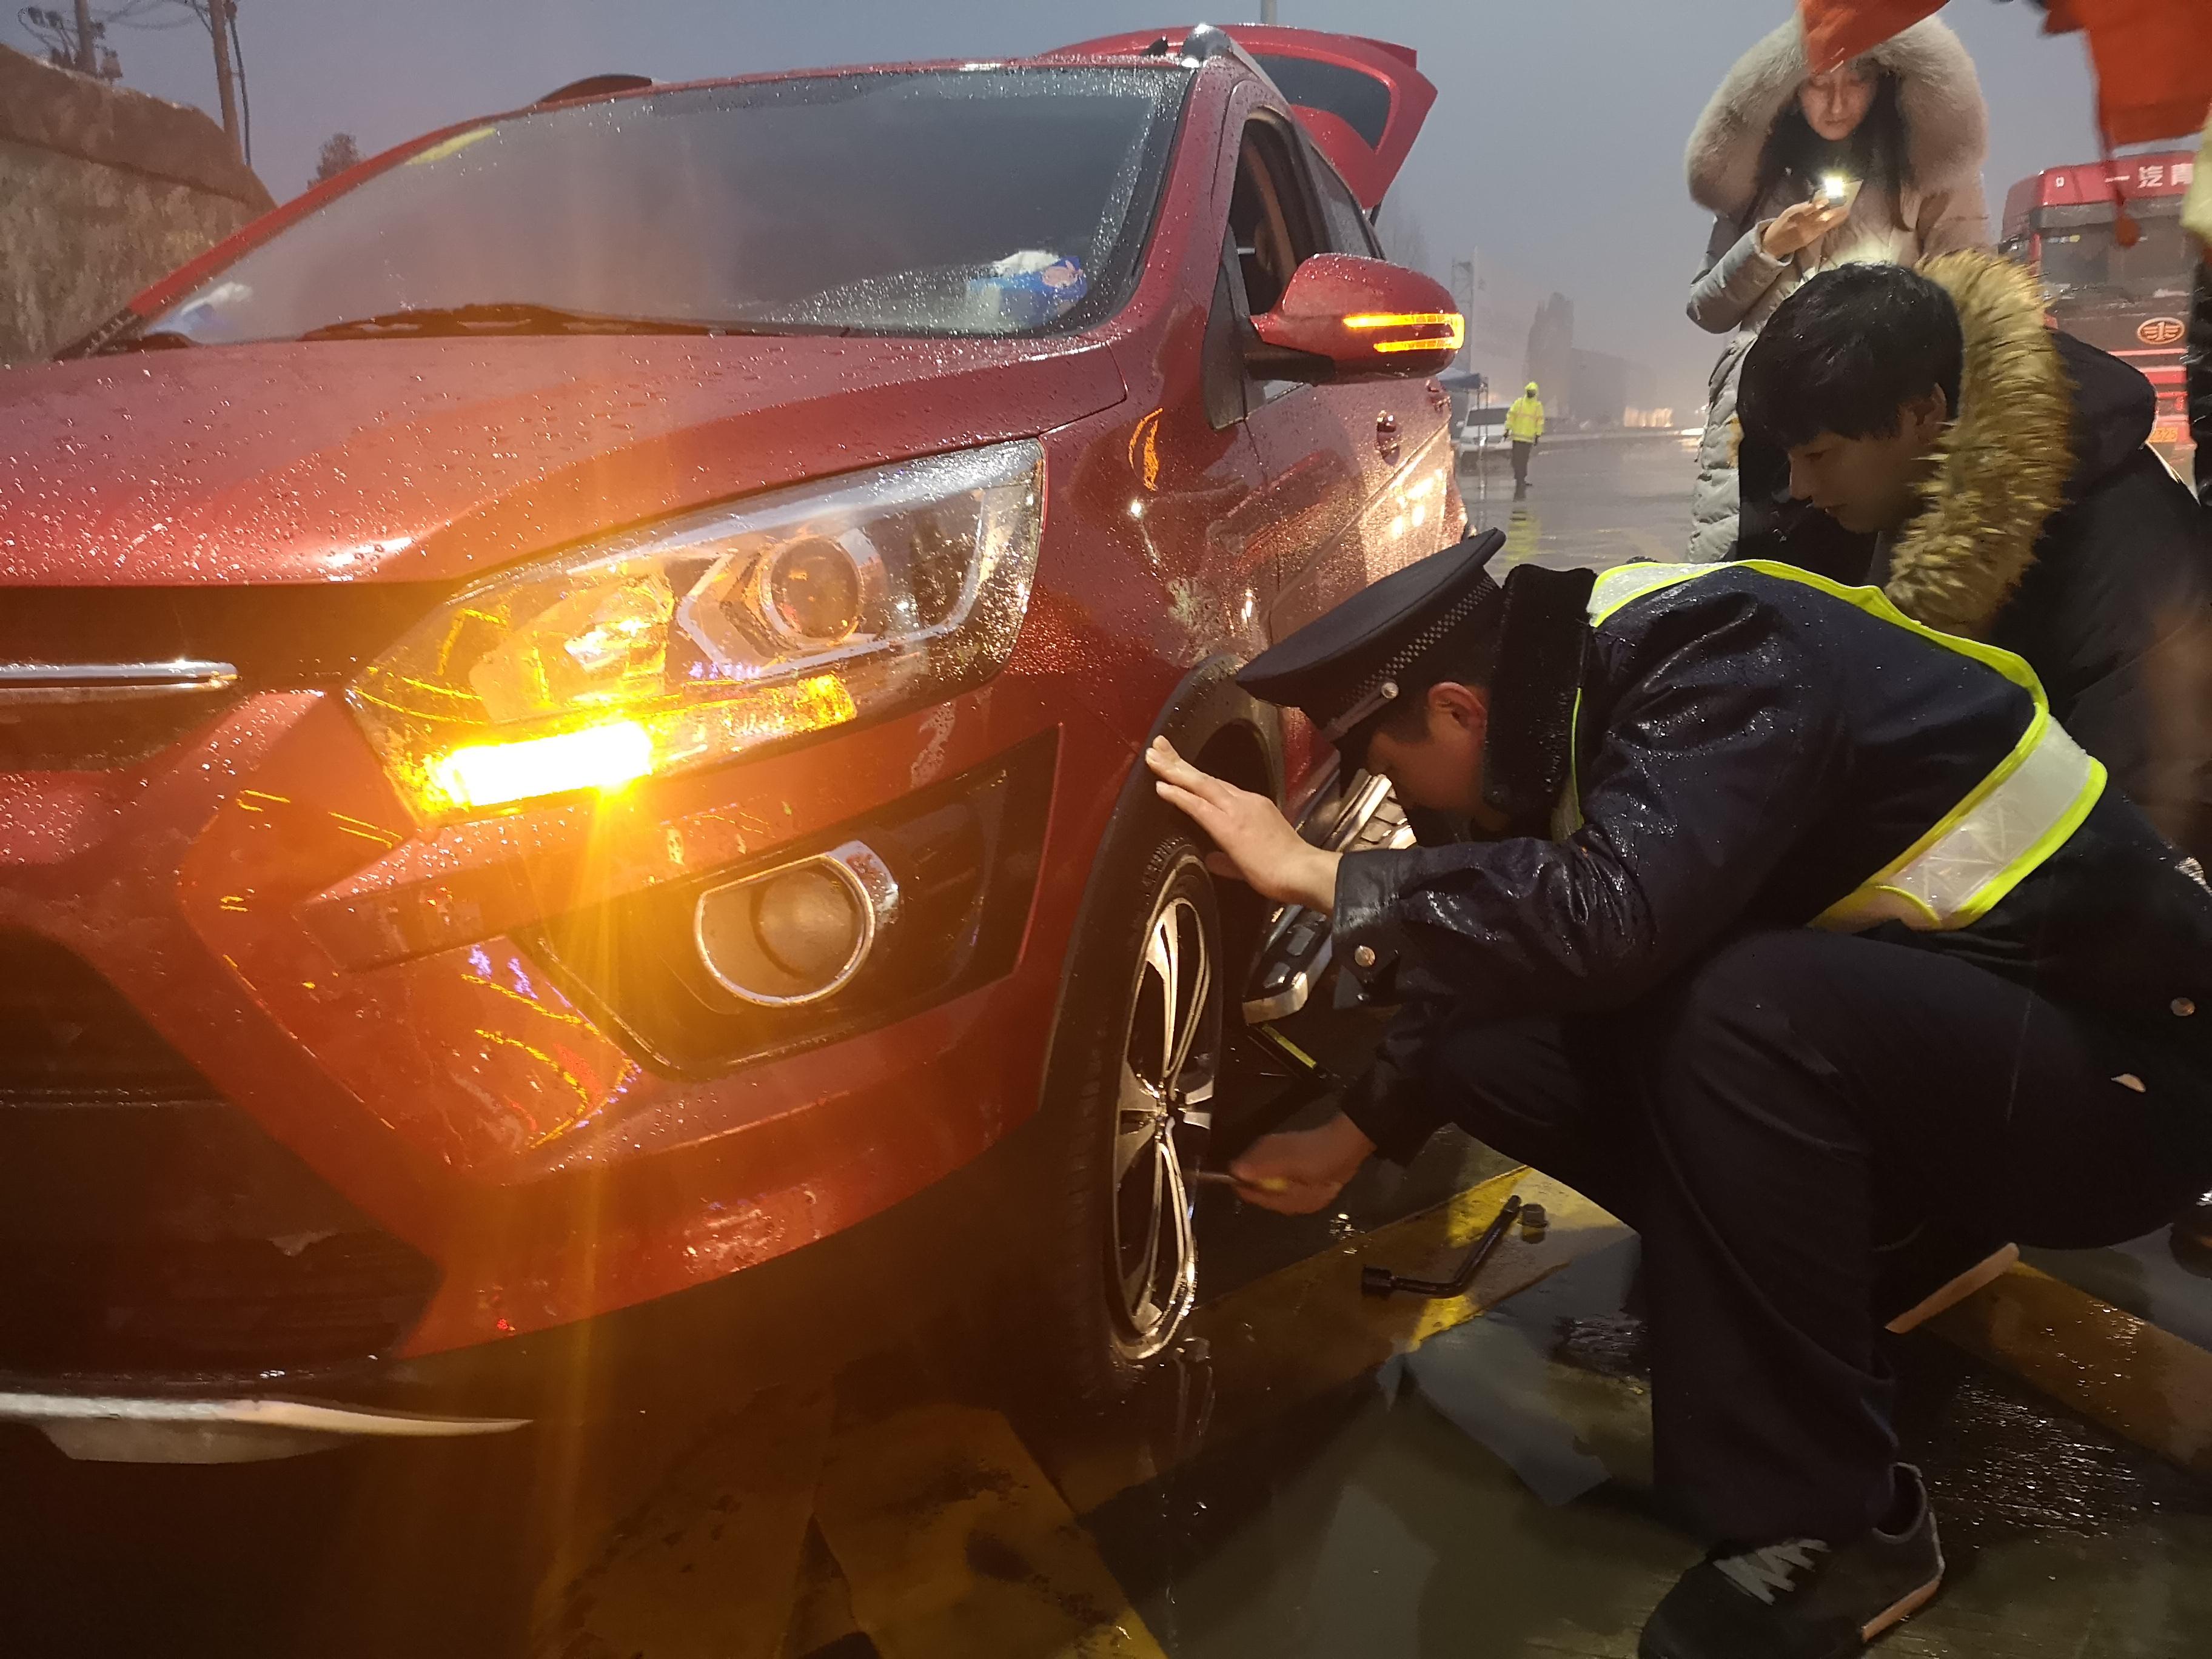 雪中送暖,郑新黄河大桥收费人员帮助抛锚车辆换备胎。.jpg